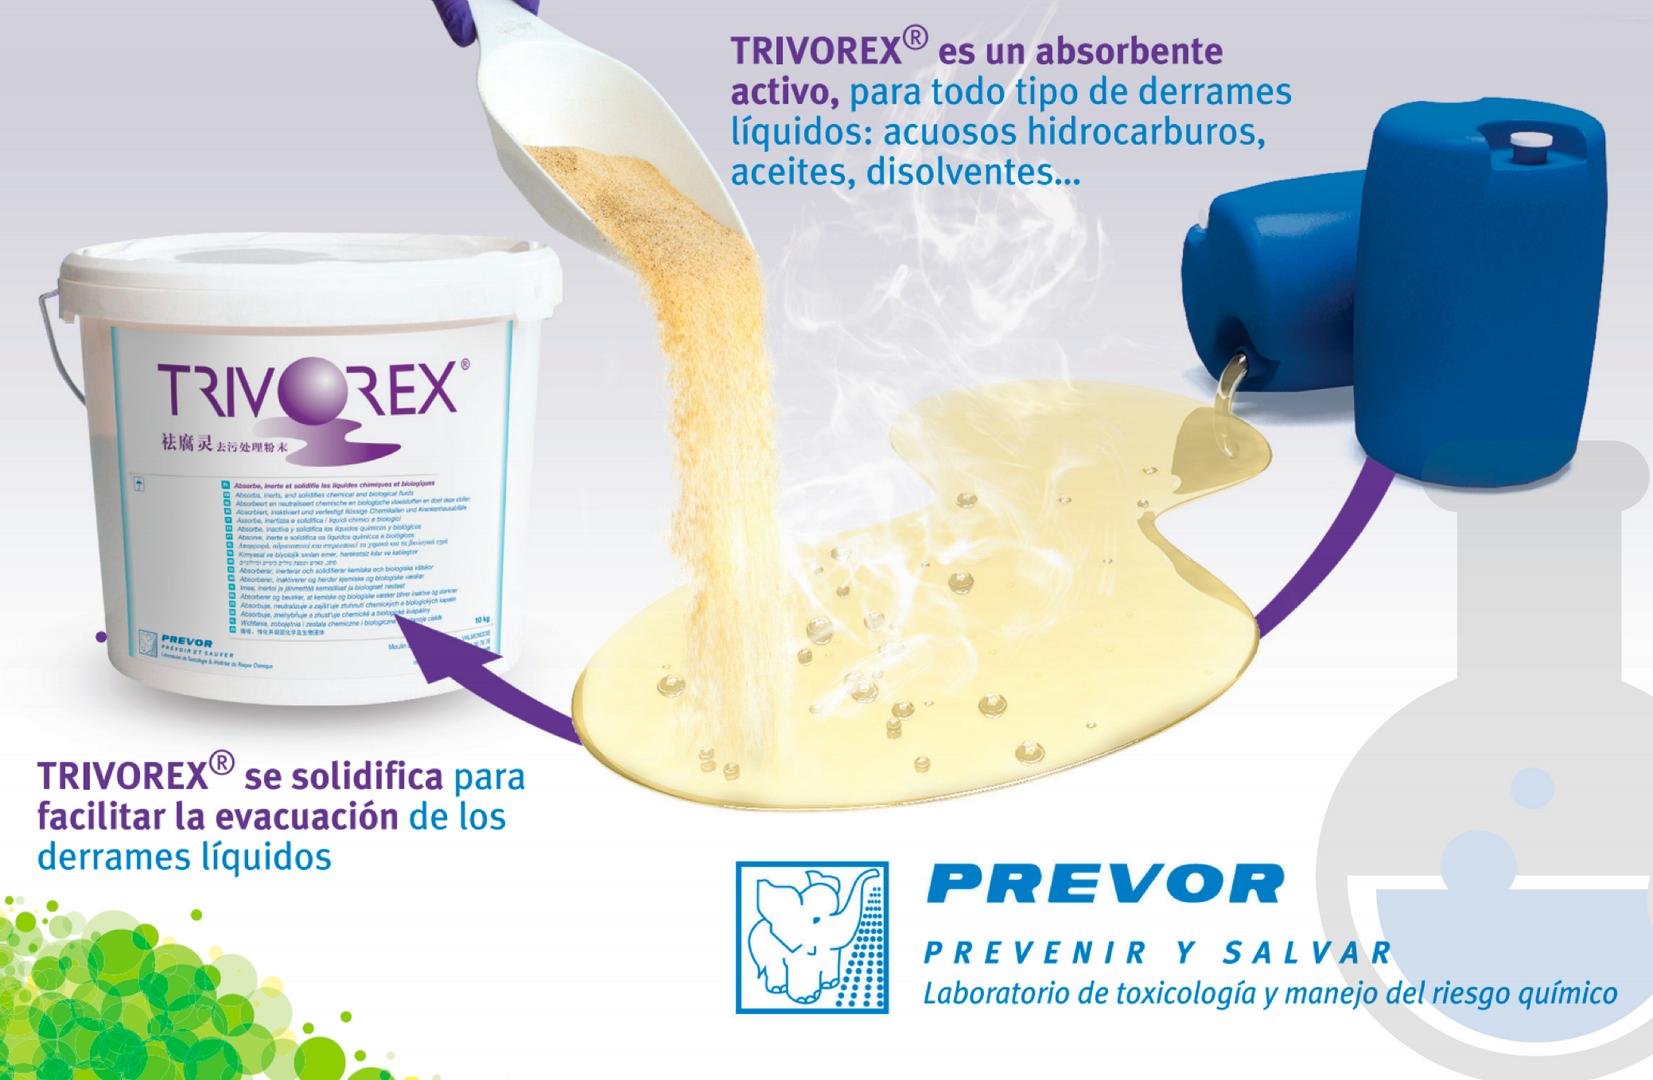 Trivorex